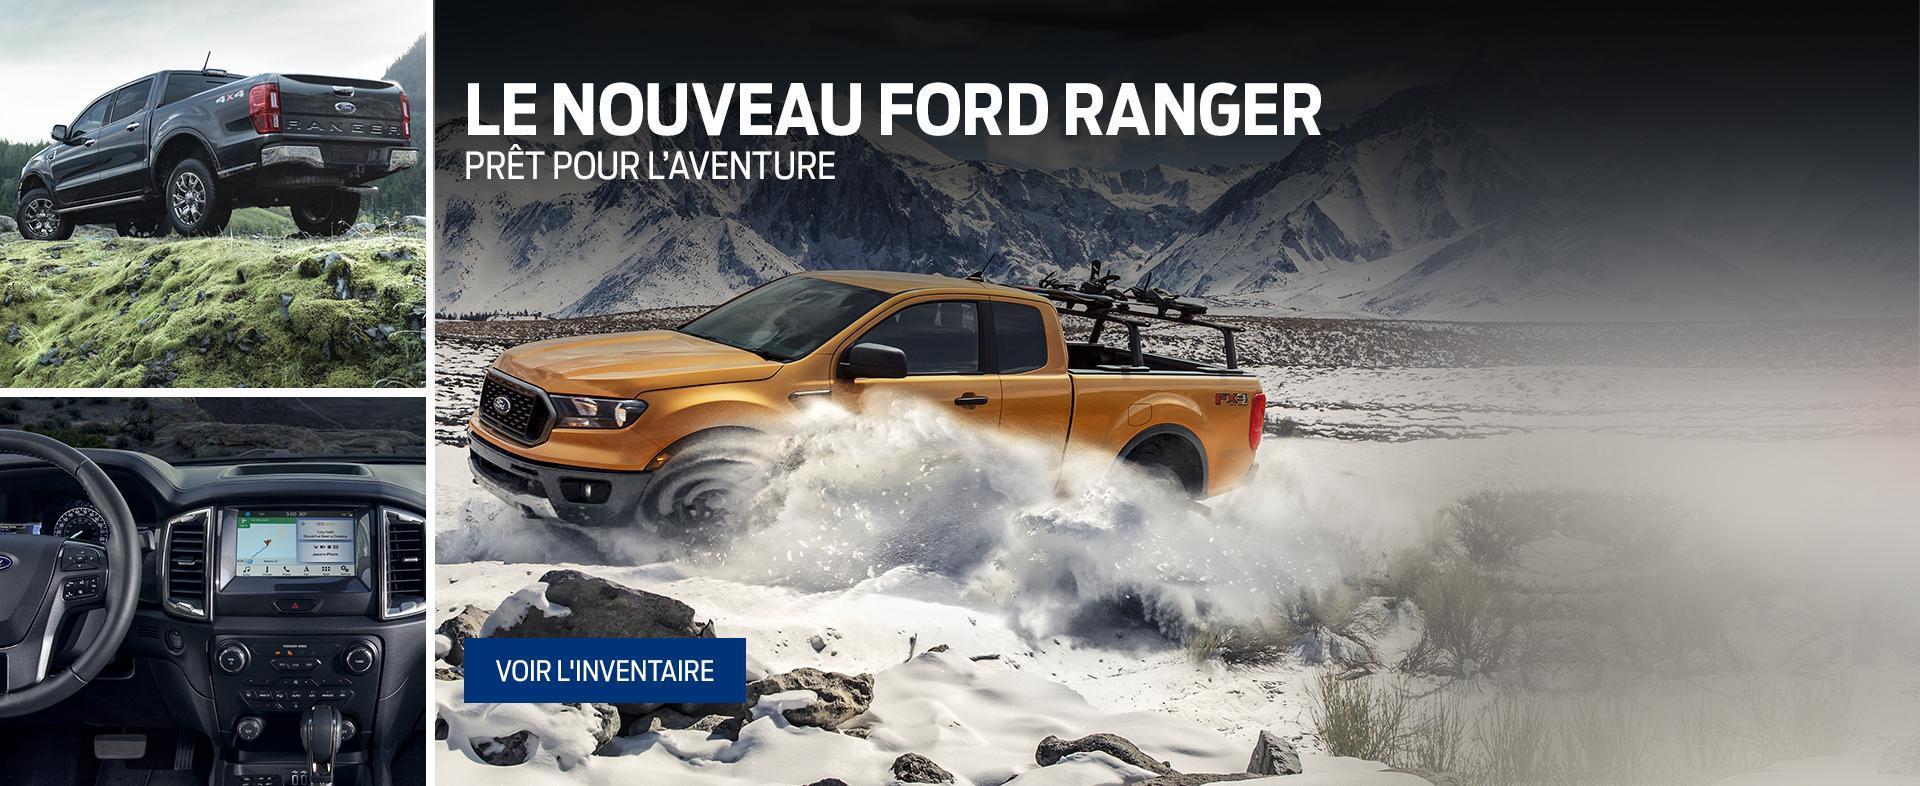 Savage Ford Ranger